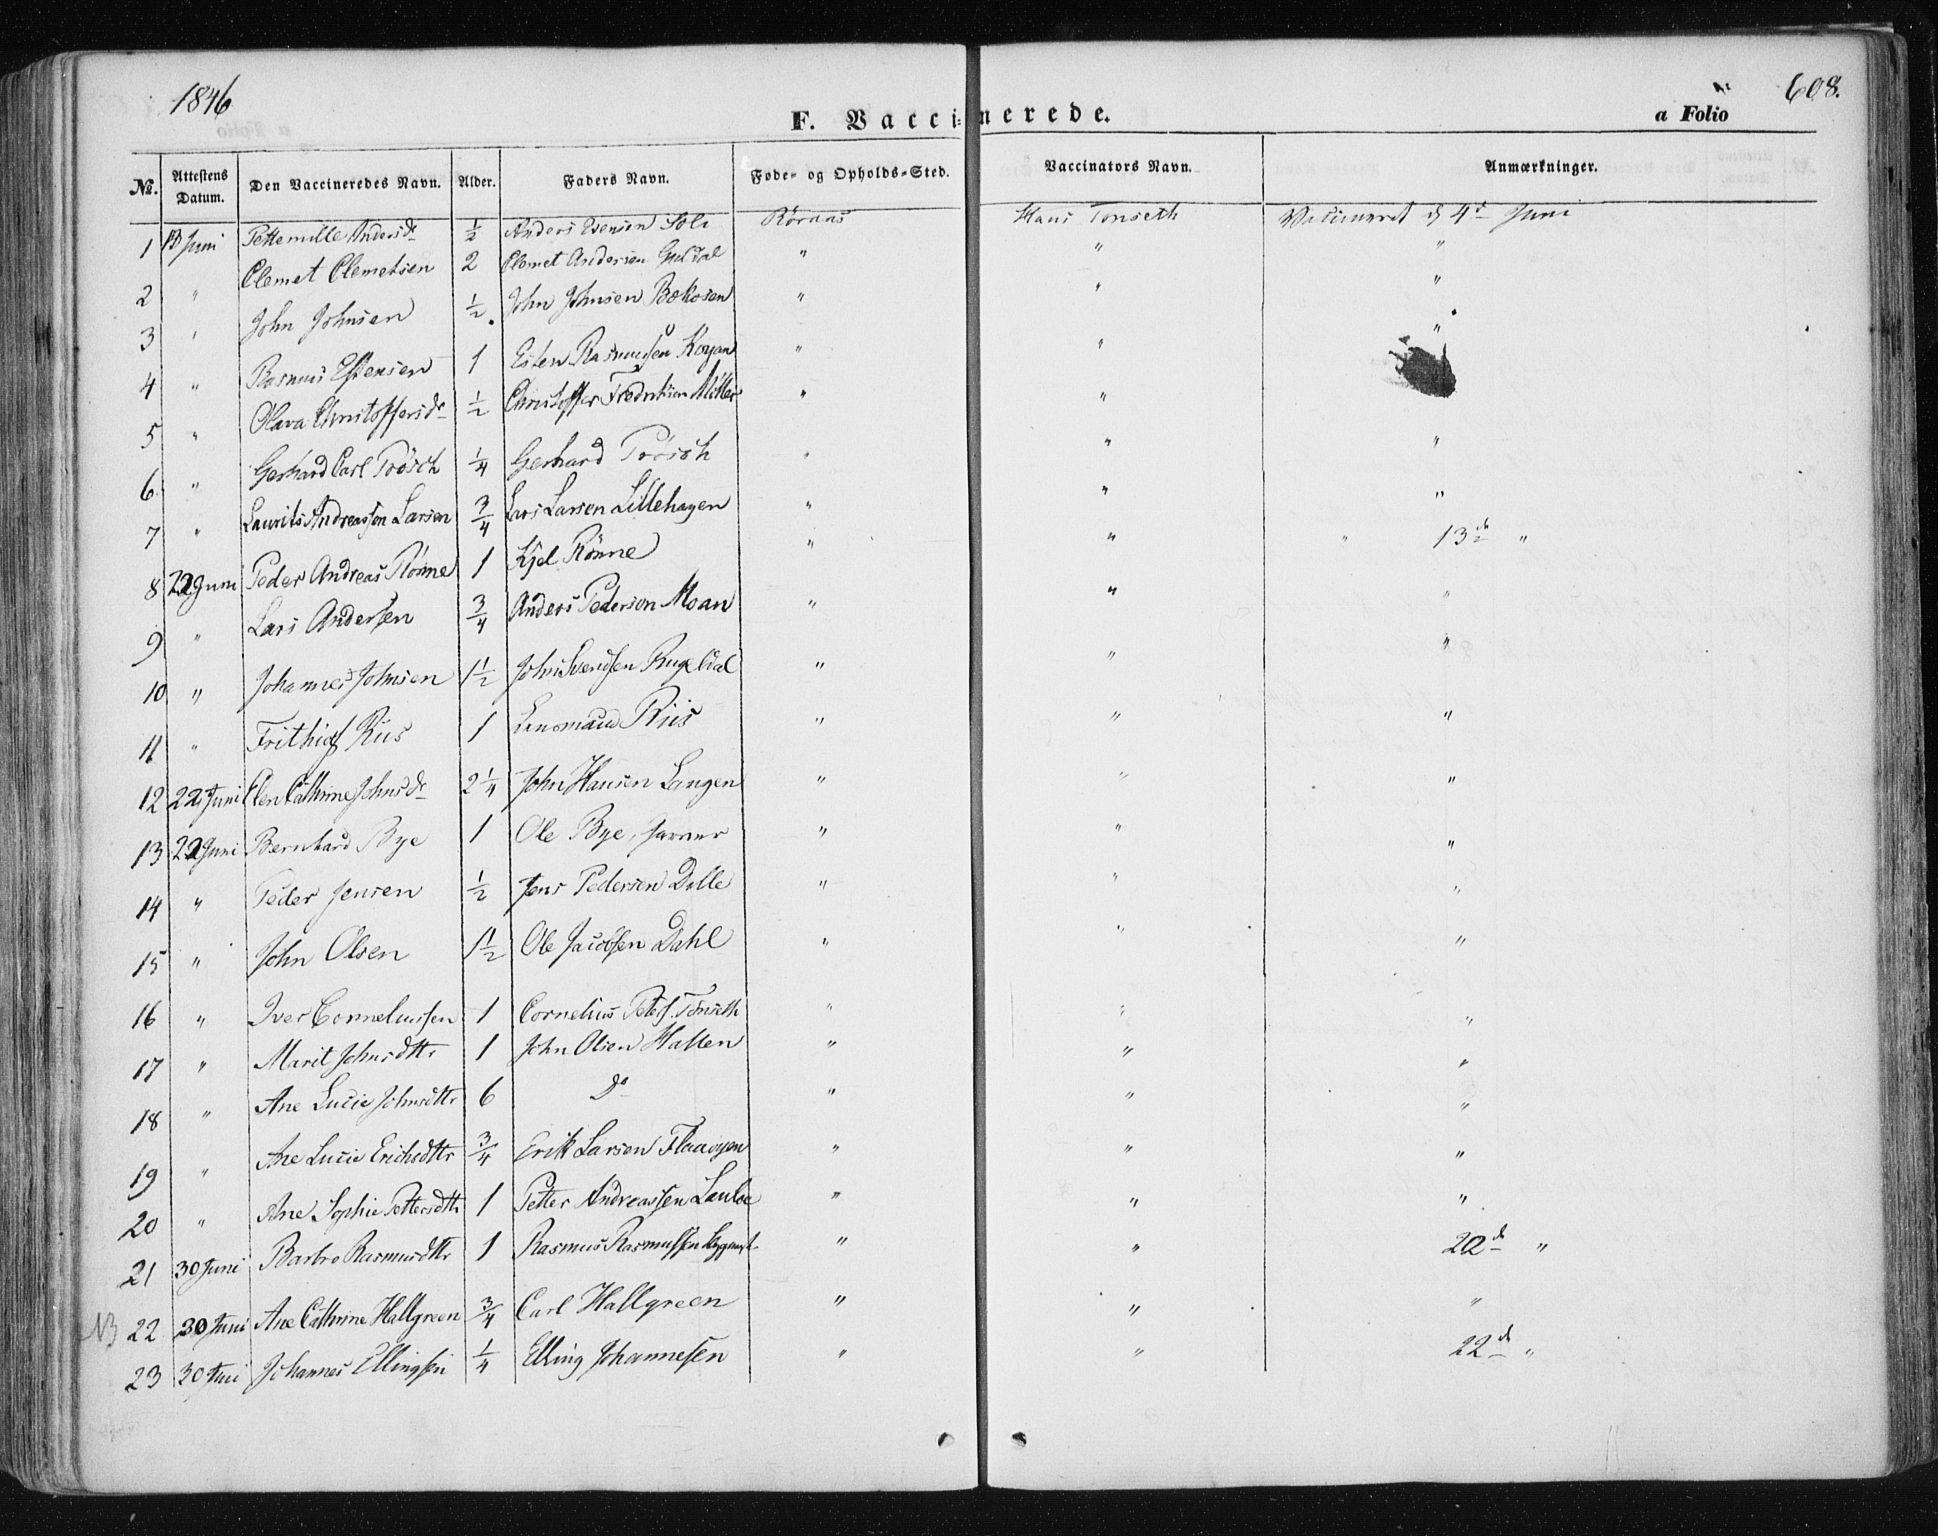 SAT, Ministerialprotokoller, klokkerbøker og fødselsregistre - Sør-Trøndelag, 681/L0931: Ministerialbok nr. 681A09, 1845-1859, s. 608